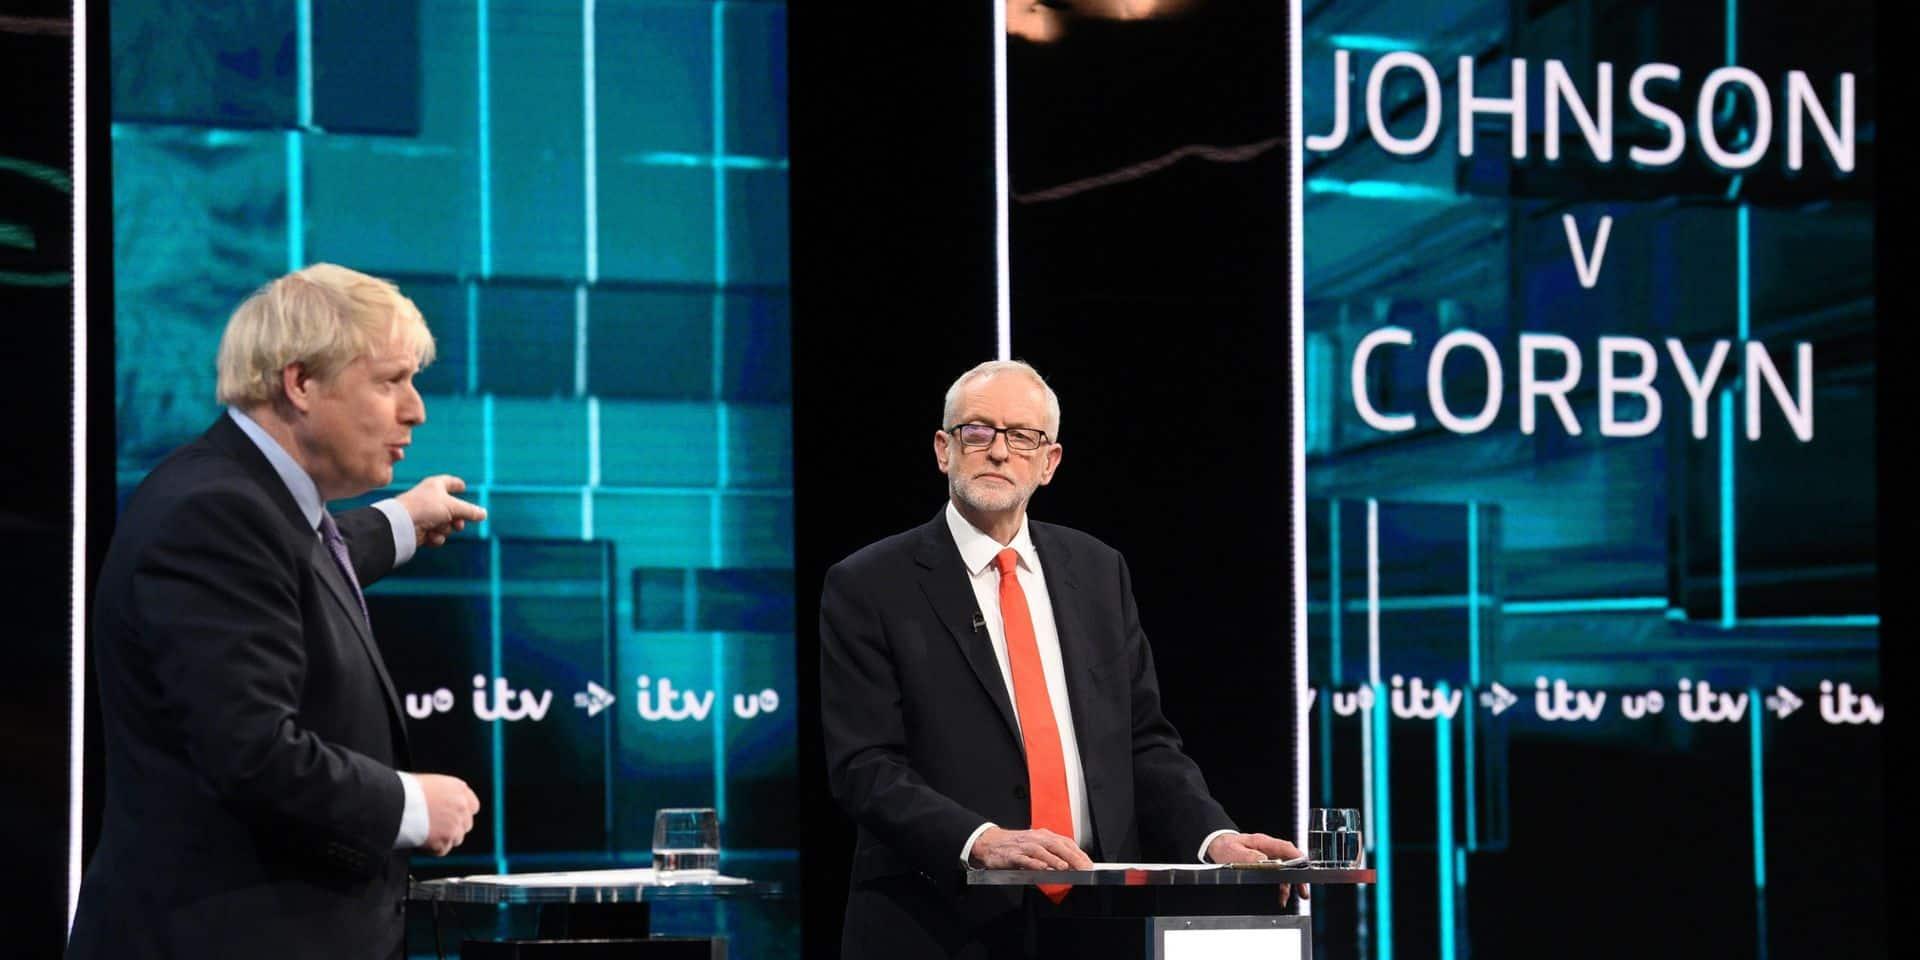 Royaume-Uni: Corbyn ne désespère pas de refaire son retard sur Johnson